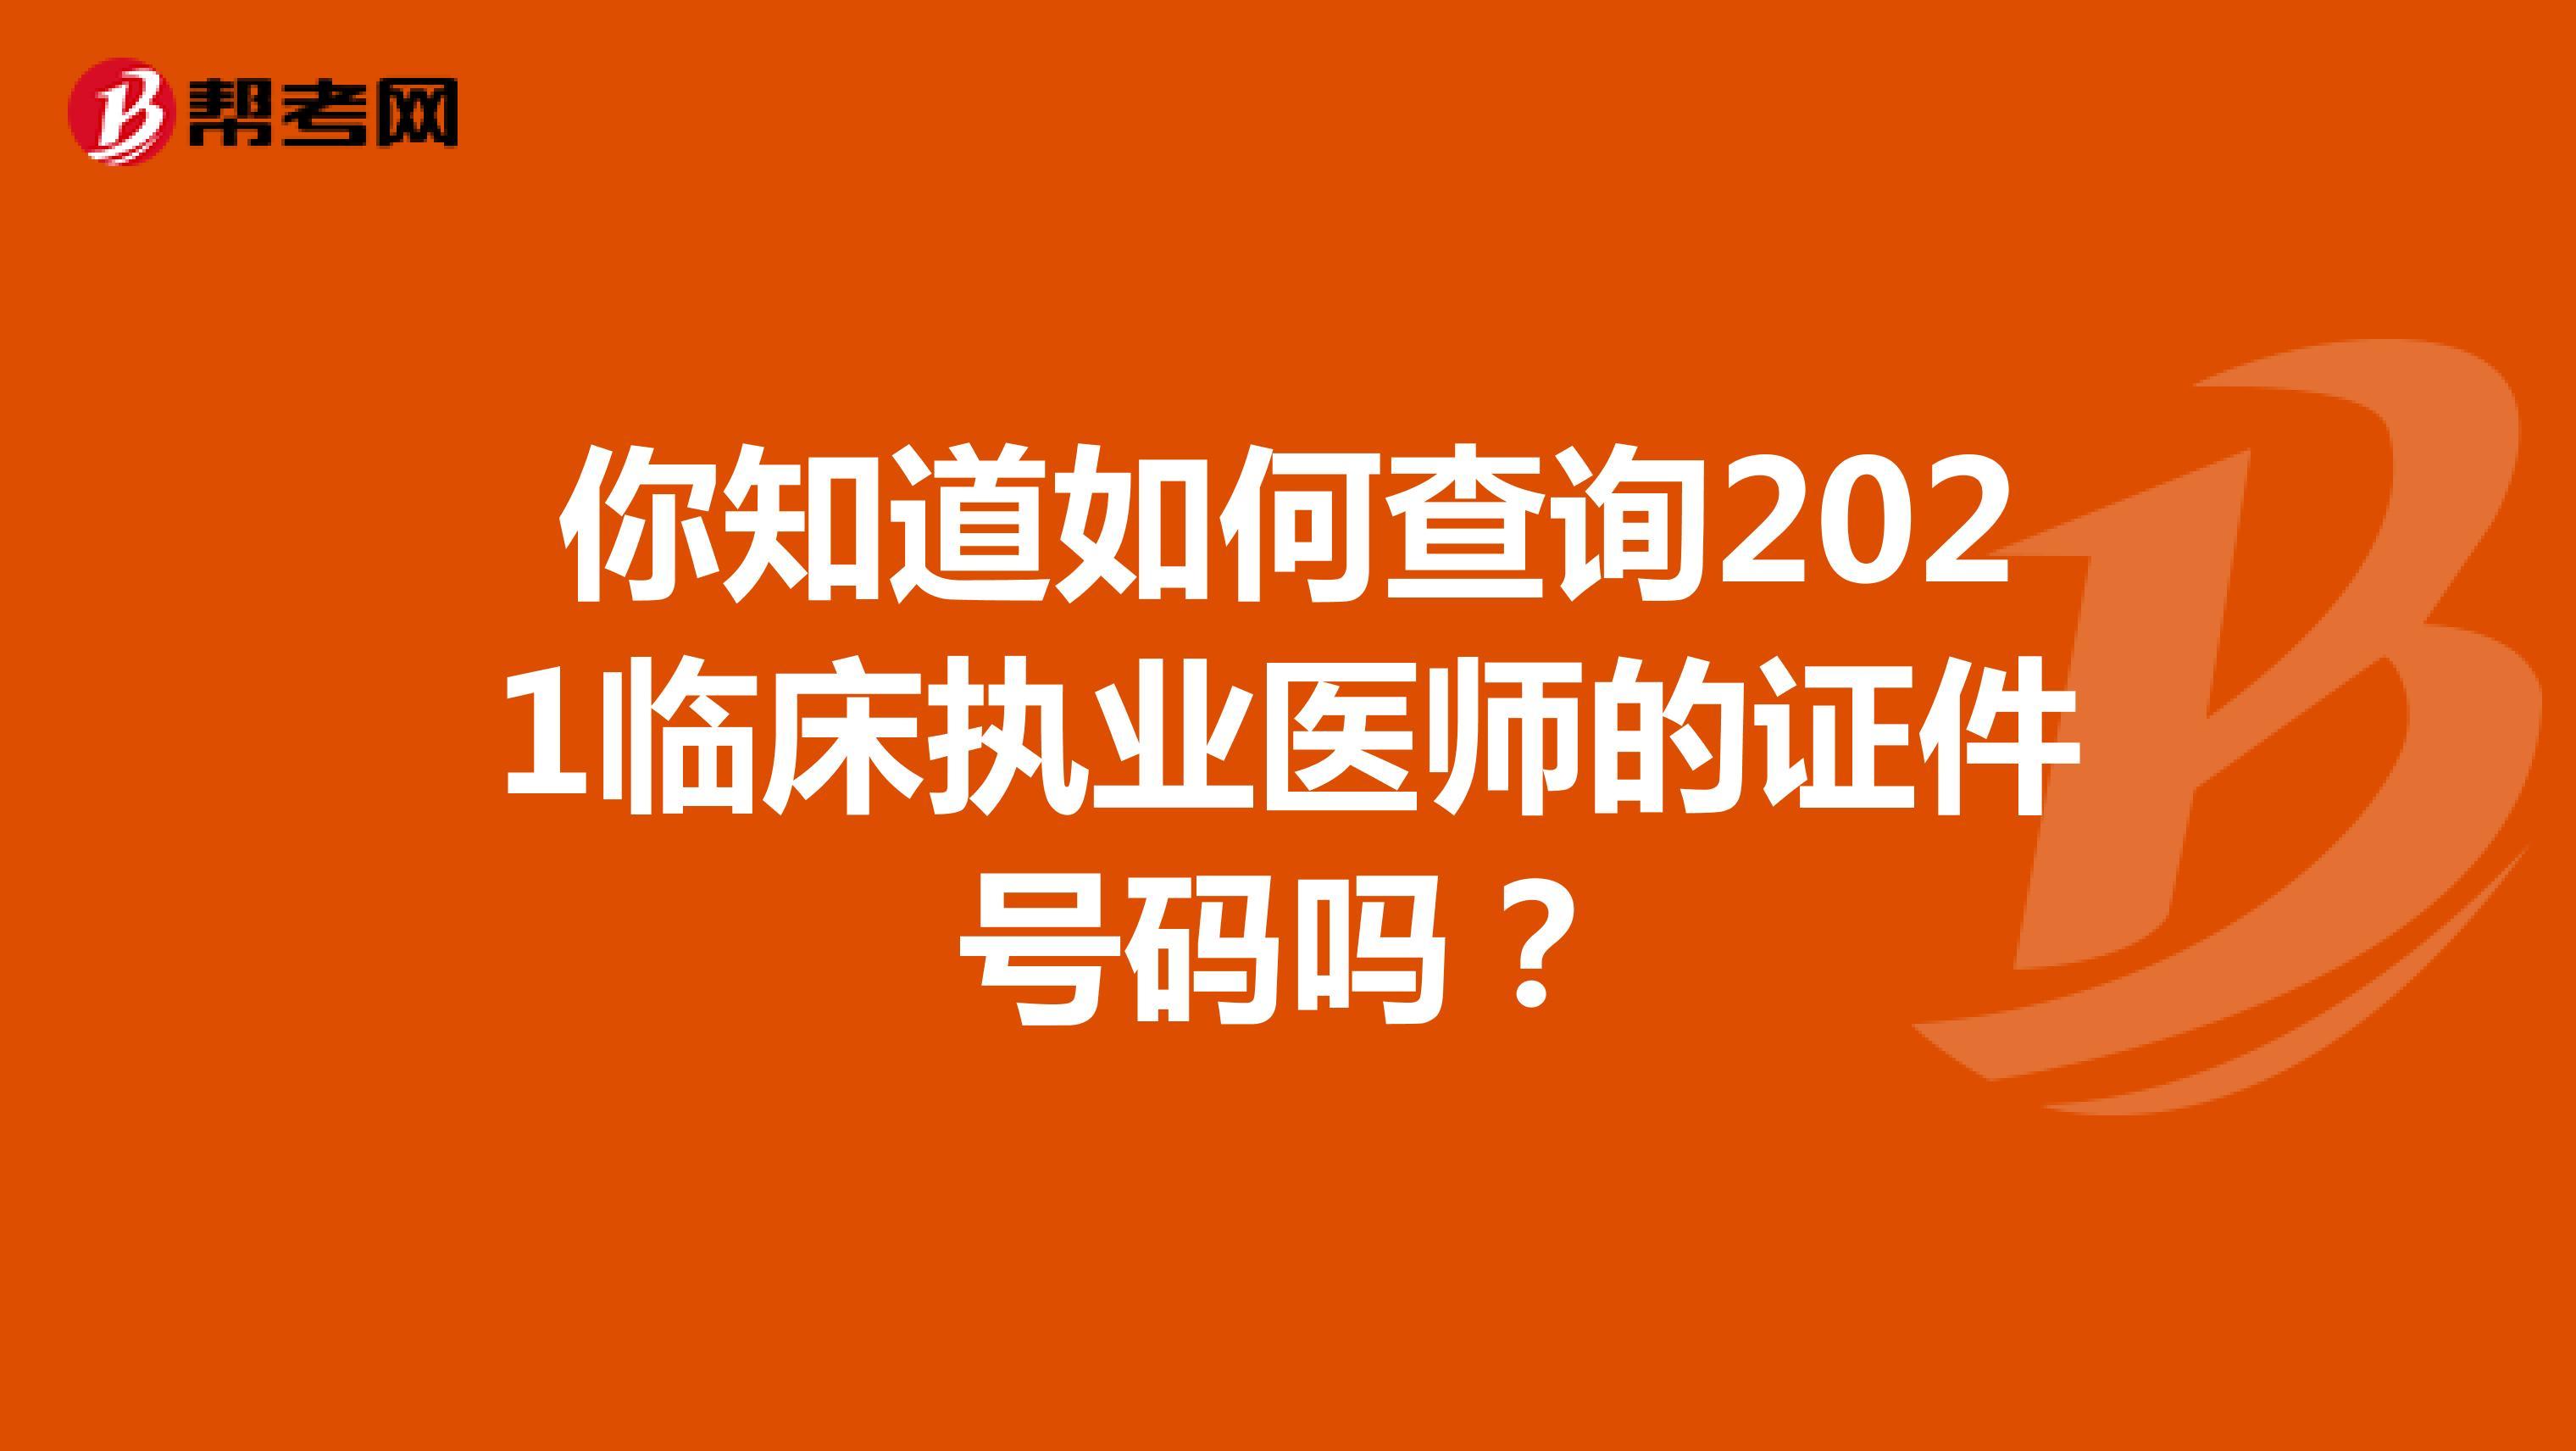 你知道如何查询2021临床执业医师的证件号码吗?